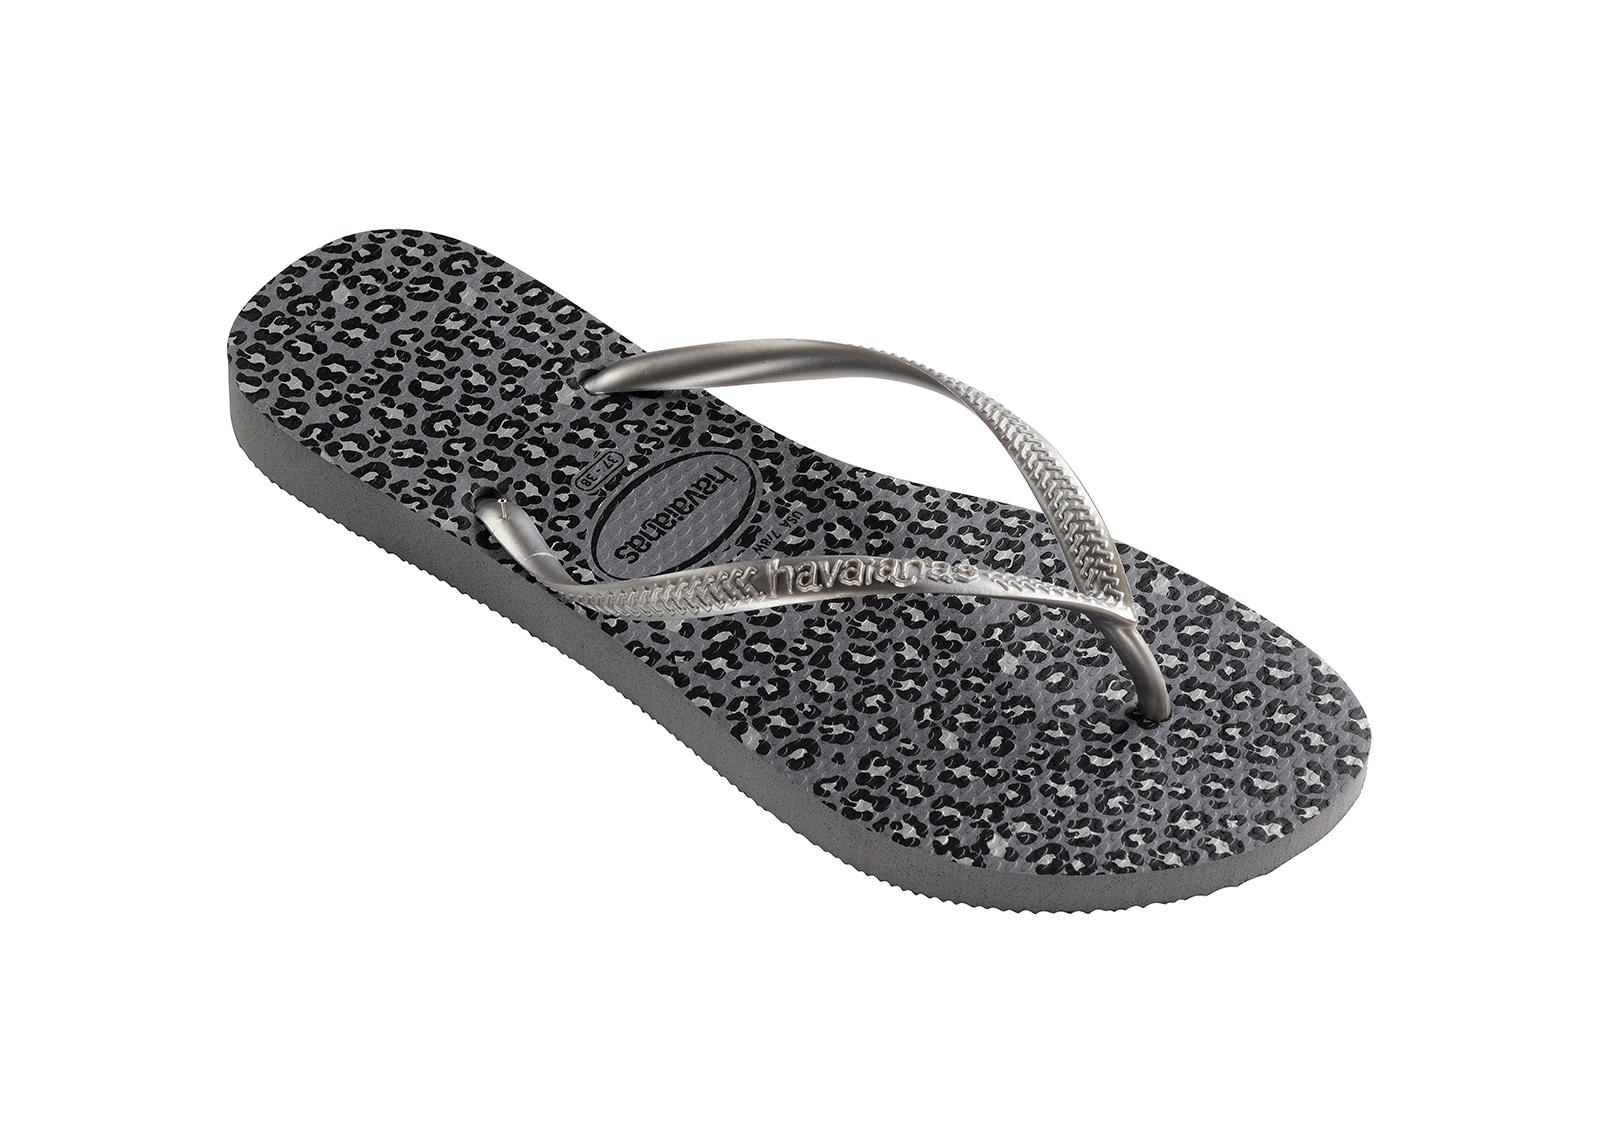 d14497578f41 Flip-Flops Flip-flops - Havaianas Slim Animals Steel Grey